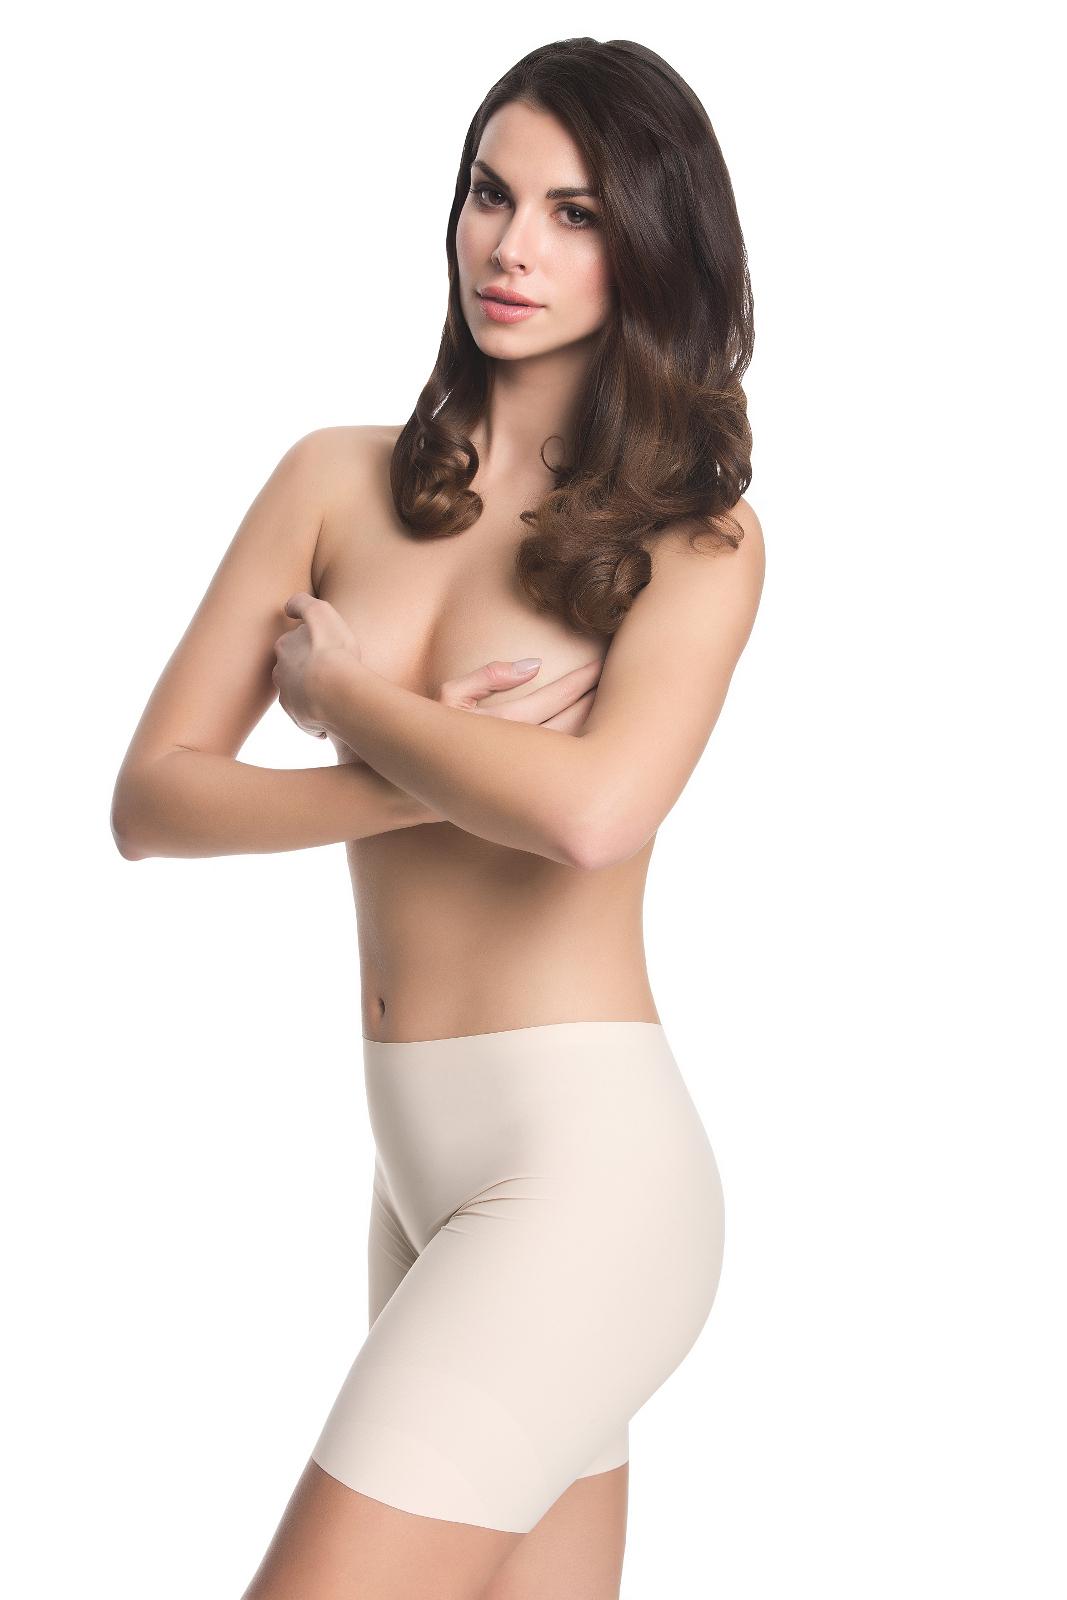 Tvarující dámské kalhotky Julimex Bermudy Comfort